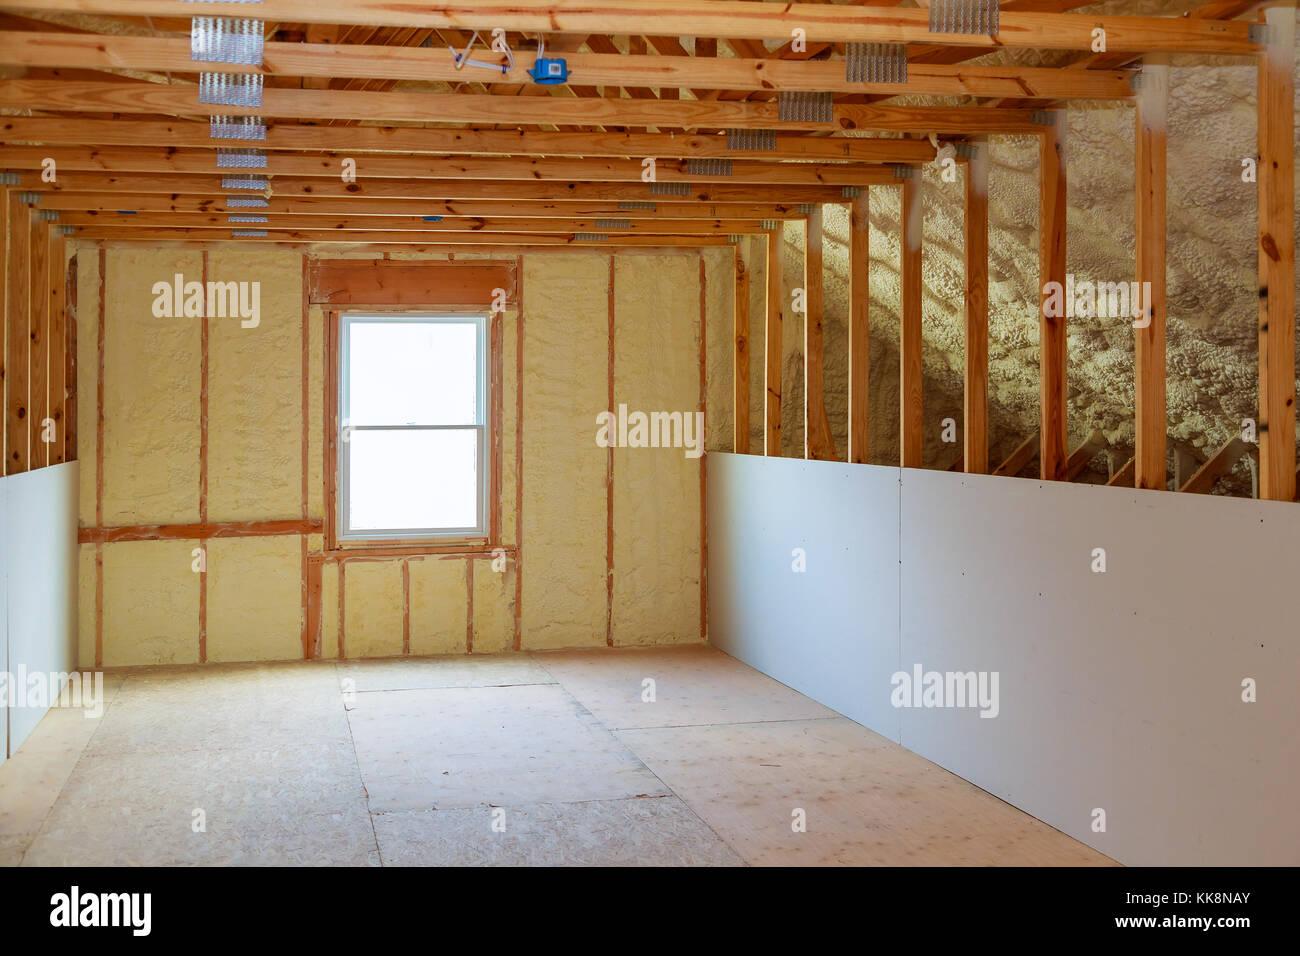 Y hidro aislamiento térmico con espuma en aerosol en el sitio de construcción de la casa, Imagen De Stock